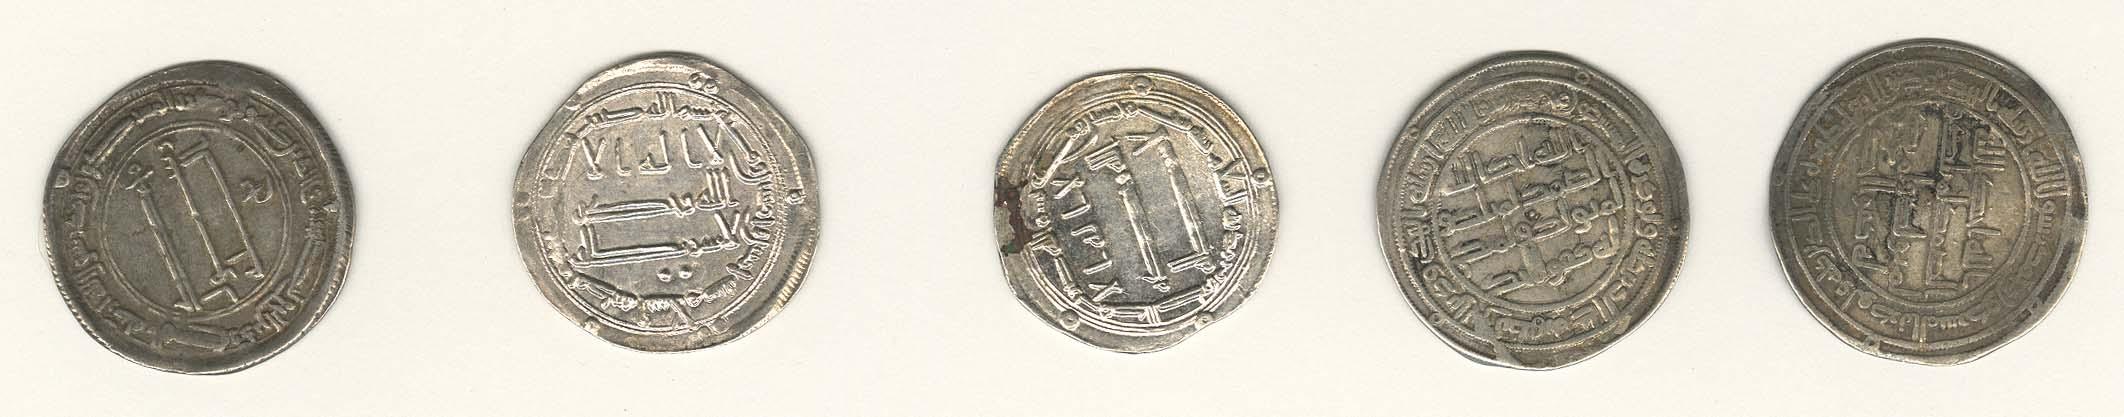 Lot 442 - Antike Lots und Sammlungen -  Auktionshaus Ulrich Felzmann GmbH & Co. KG Coins single lots